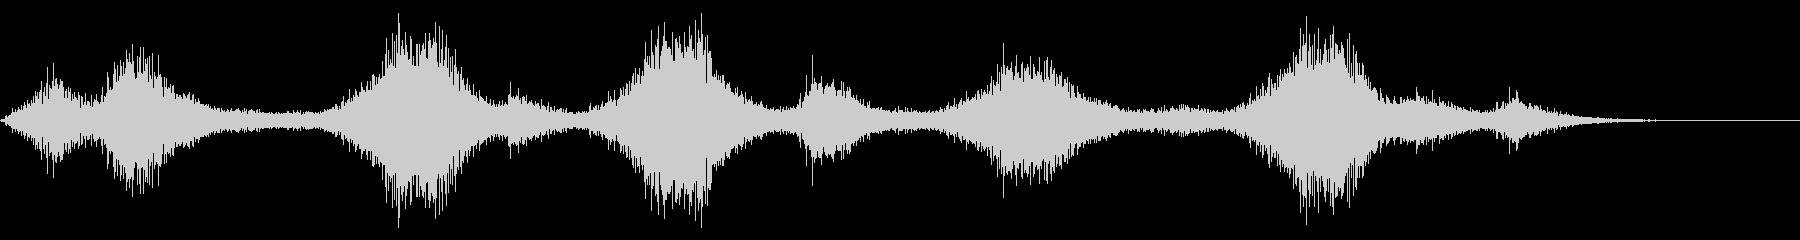 ホラーシャドウストーカー不気味な恐ろしいの未再生の波形